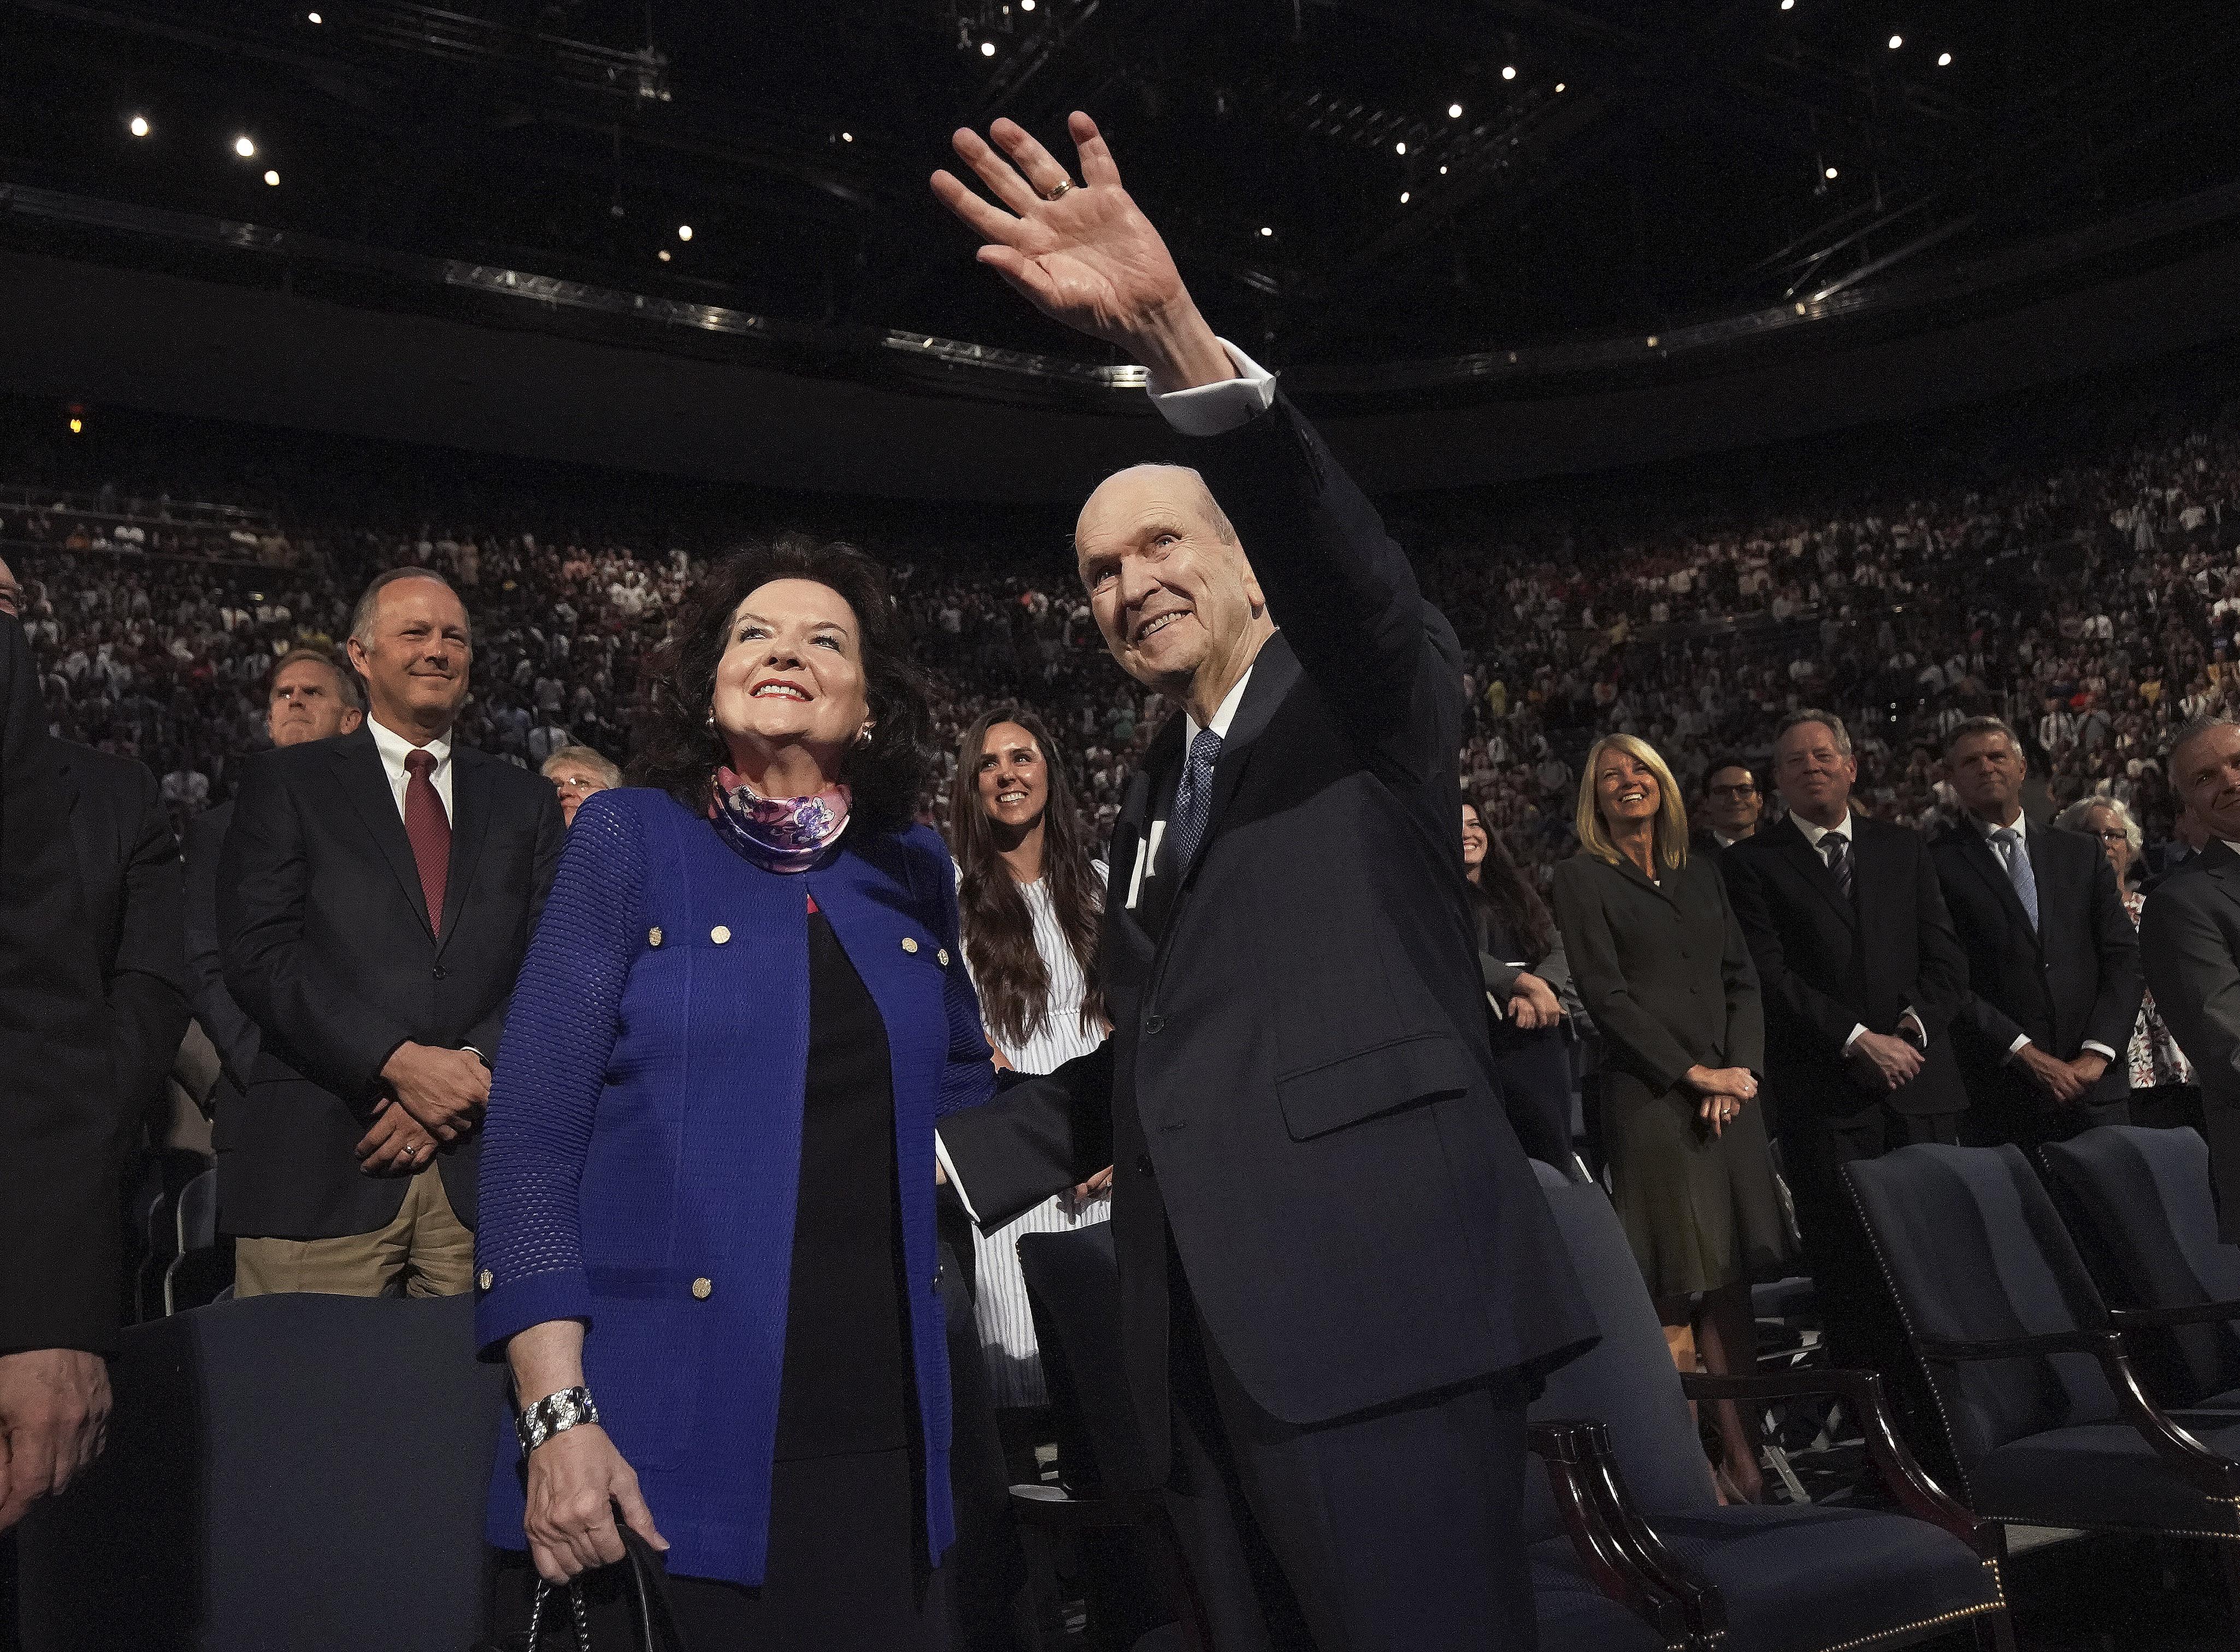 El presidente Russell M. Nelson, de La Iglesia de Jesucristo de los Santos de los Últimos días, y su esposa, la hermana Wendy Nelson, saludan a los estudiantes luego del devocional en la Universidad de Brigham Young en Provo, el martes 17 de septiembre de 2019.